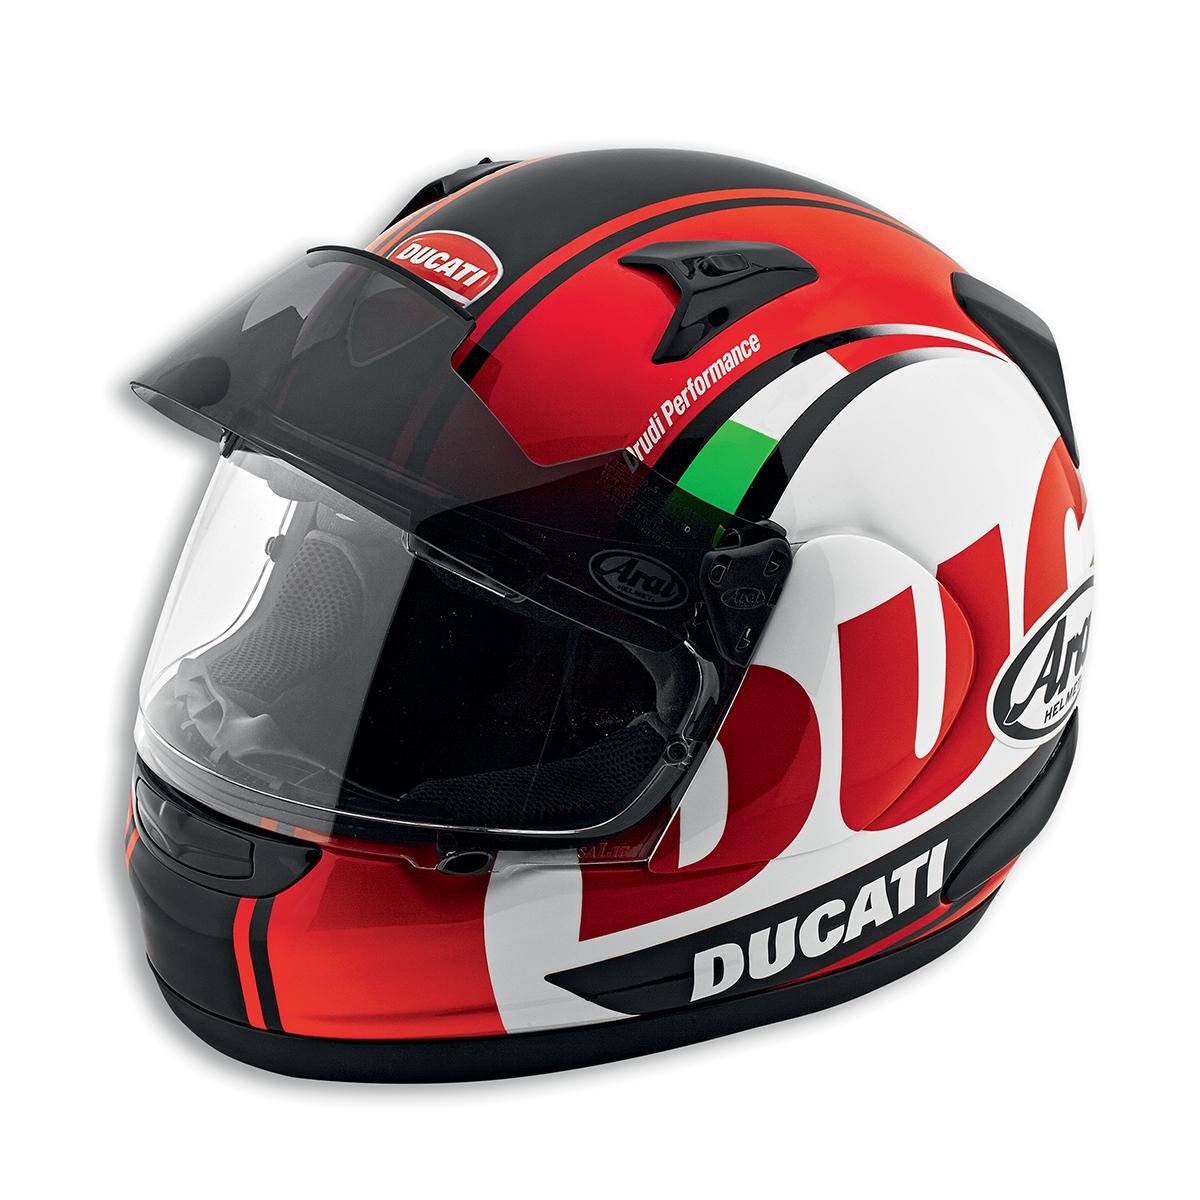 Arai Ducati Diavel